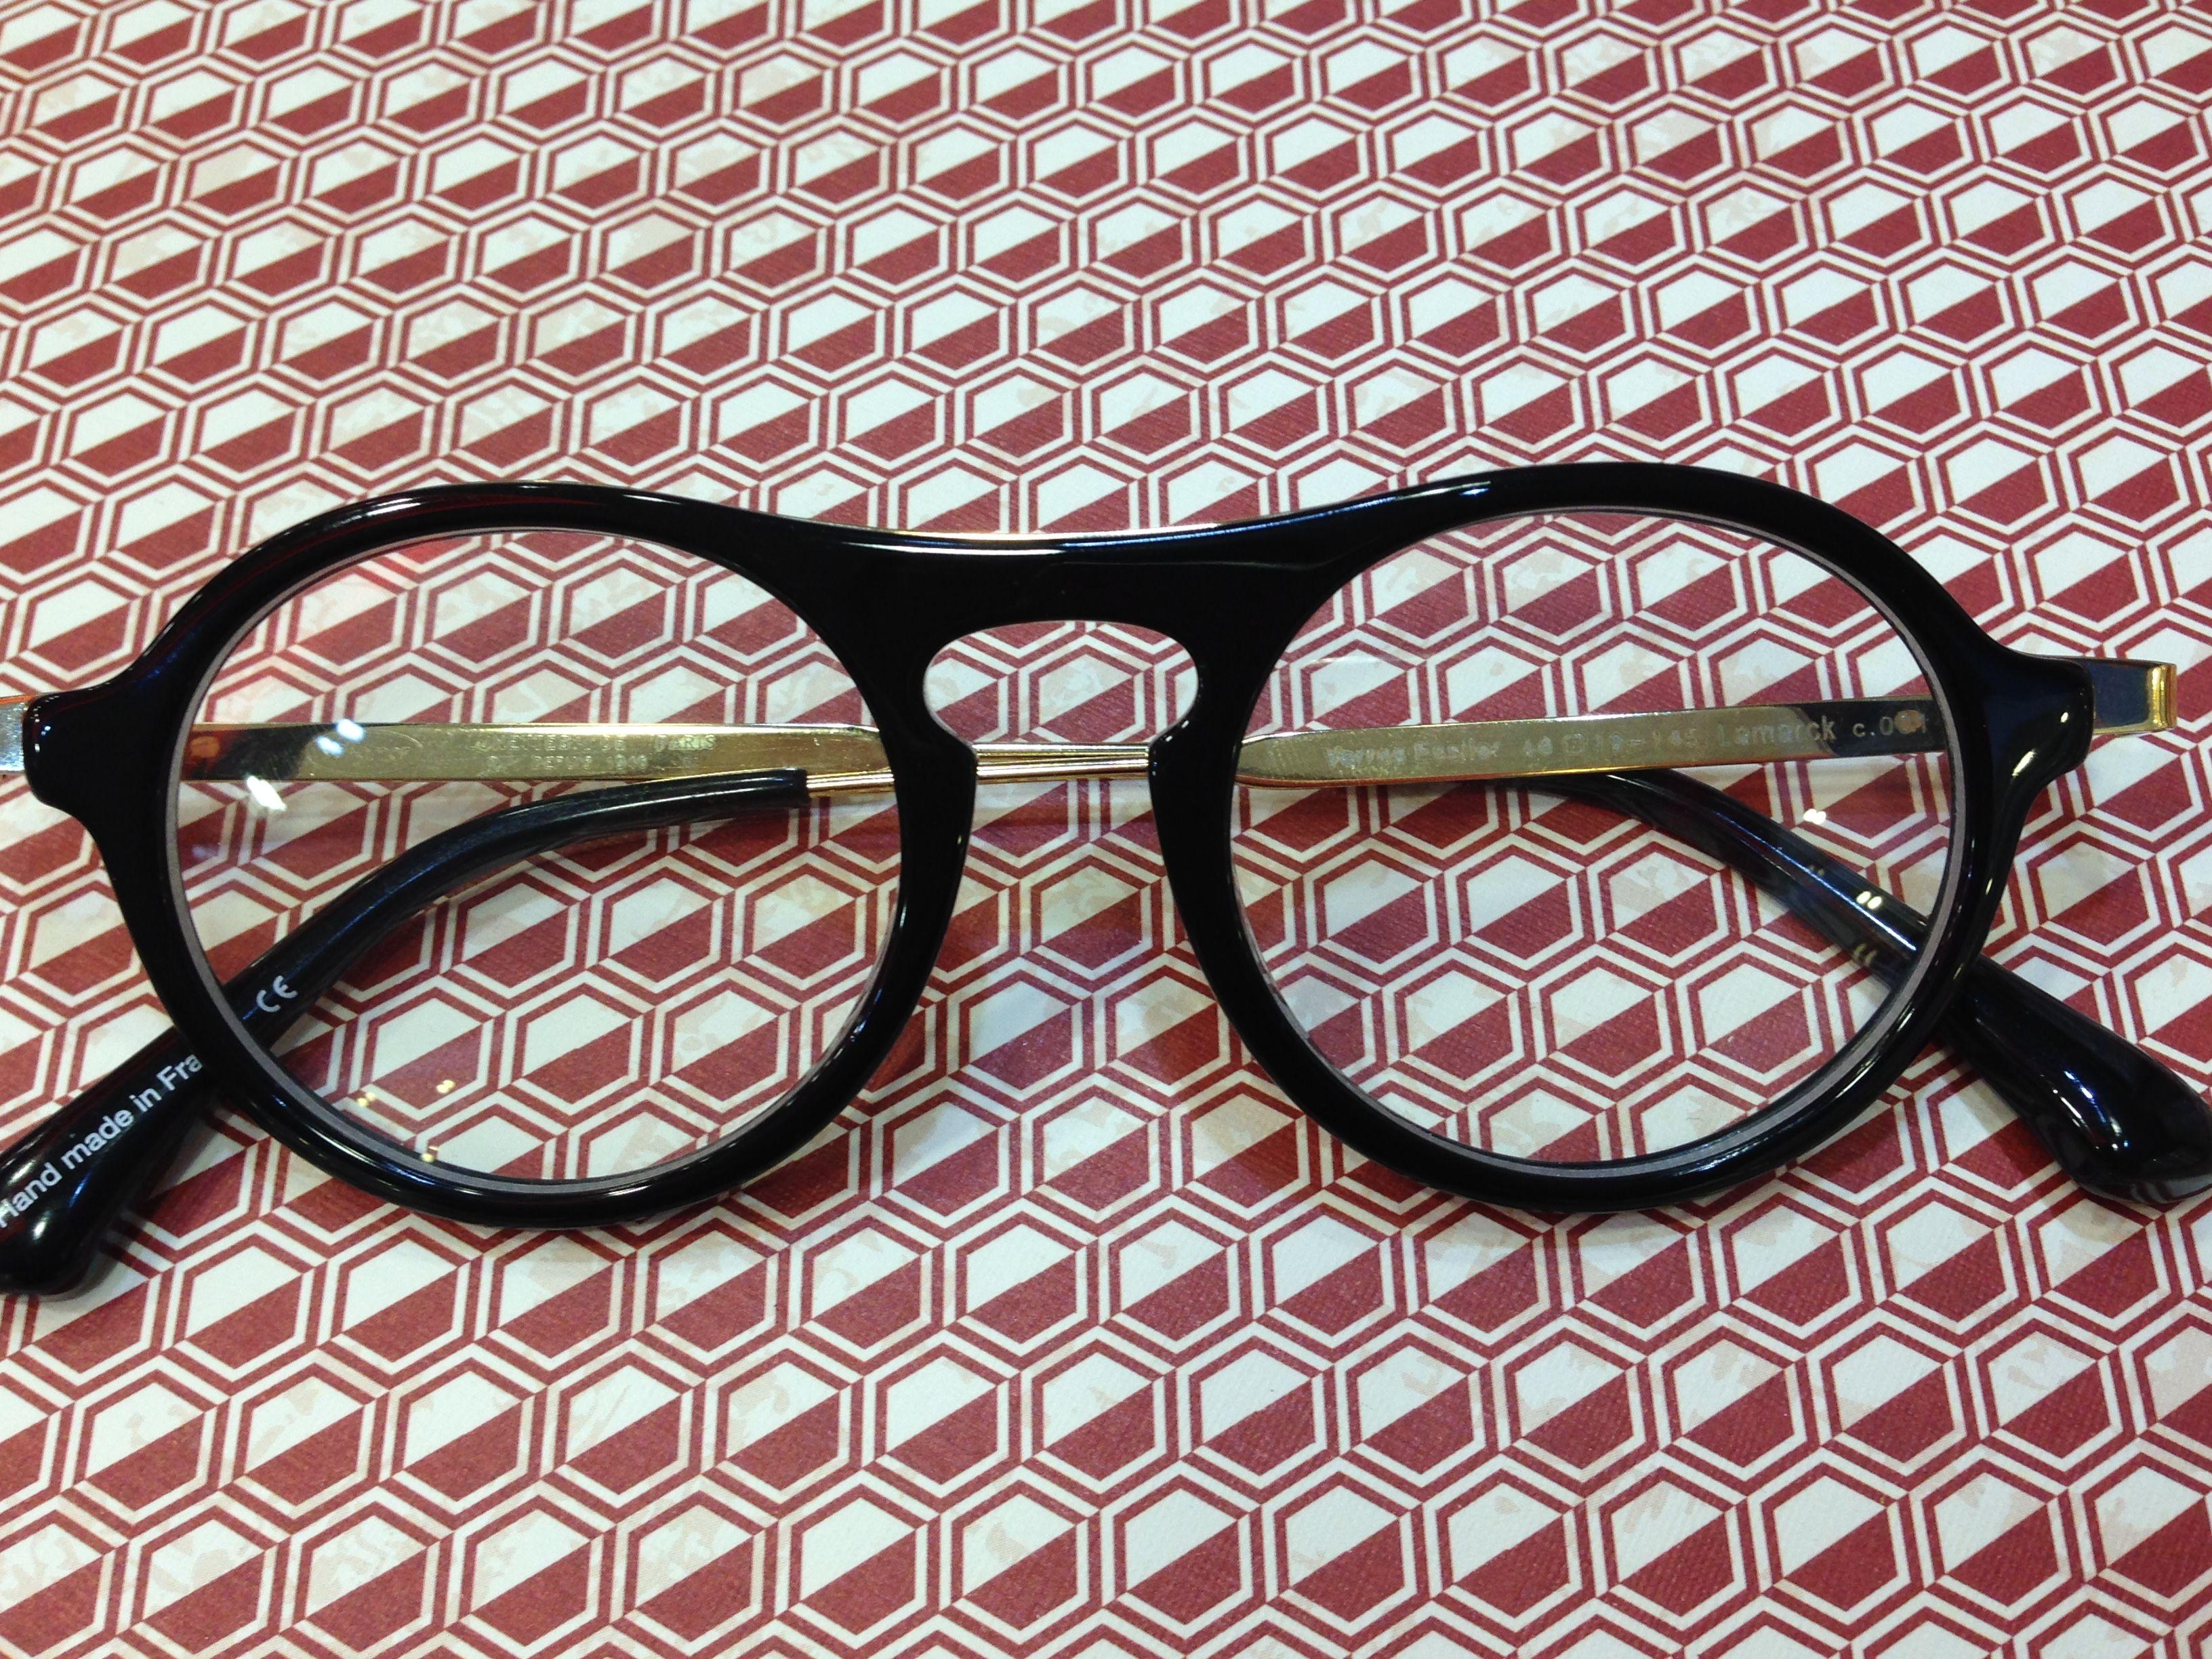 lunettes créateur  Amor.  fabrication  française.   Lunettes de vue ... 0c1d52b47981